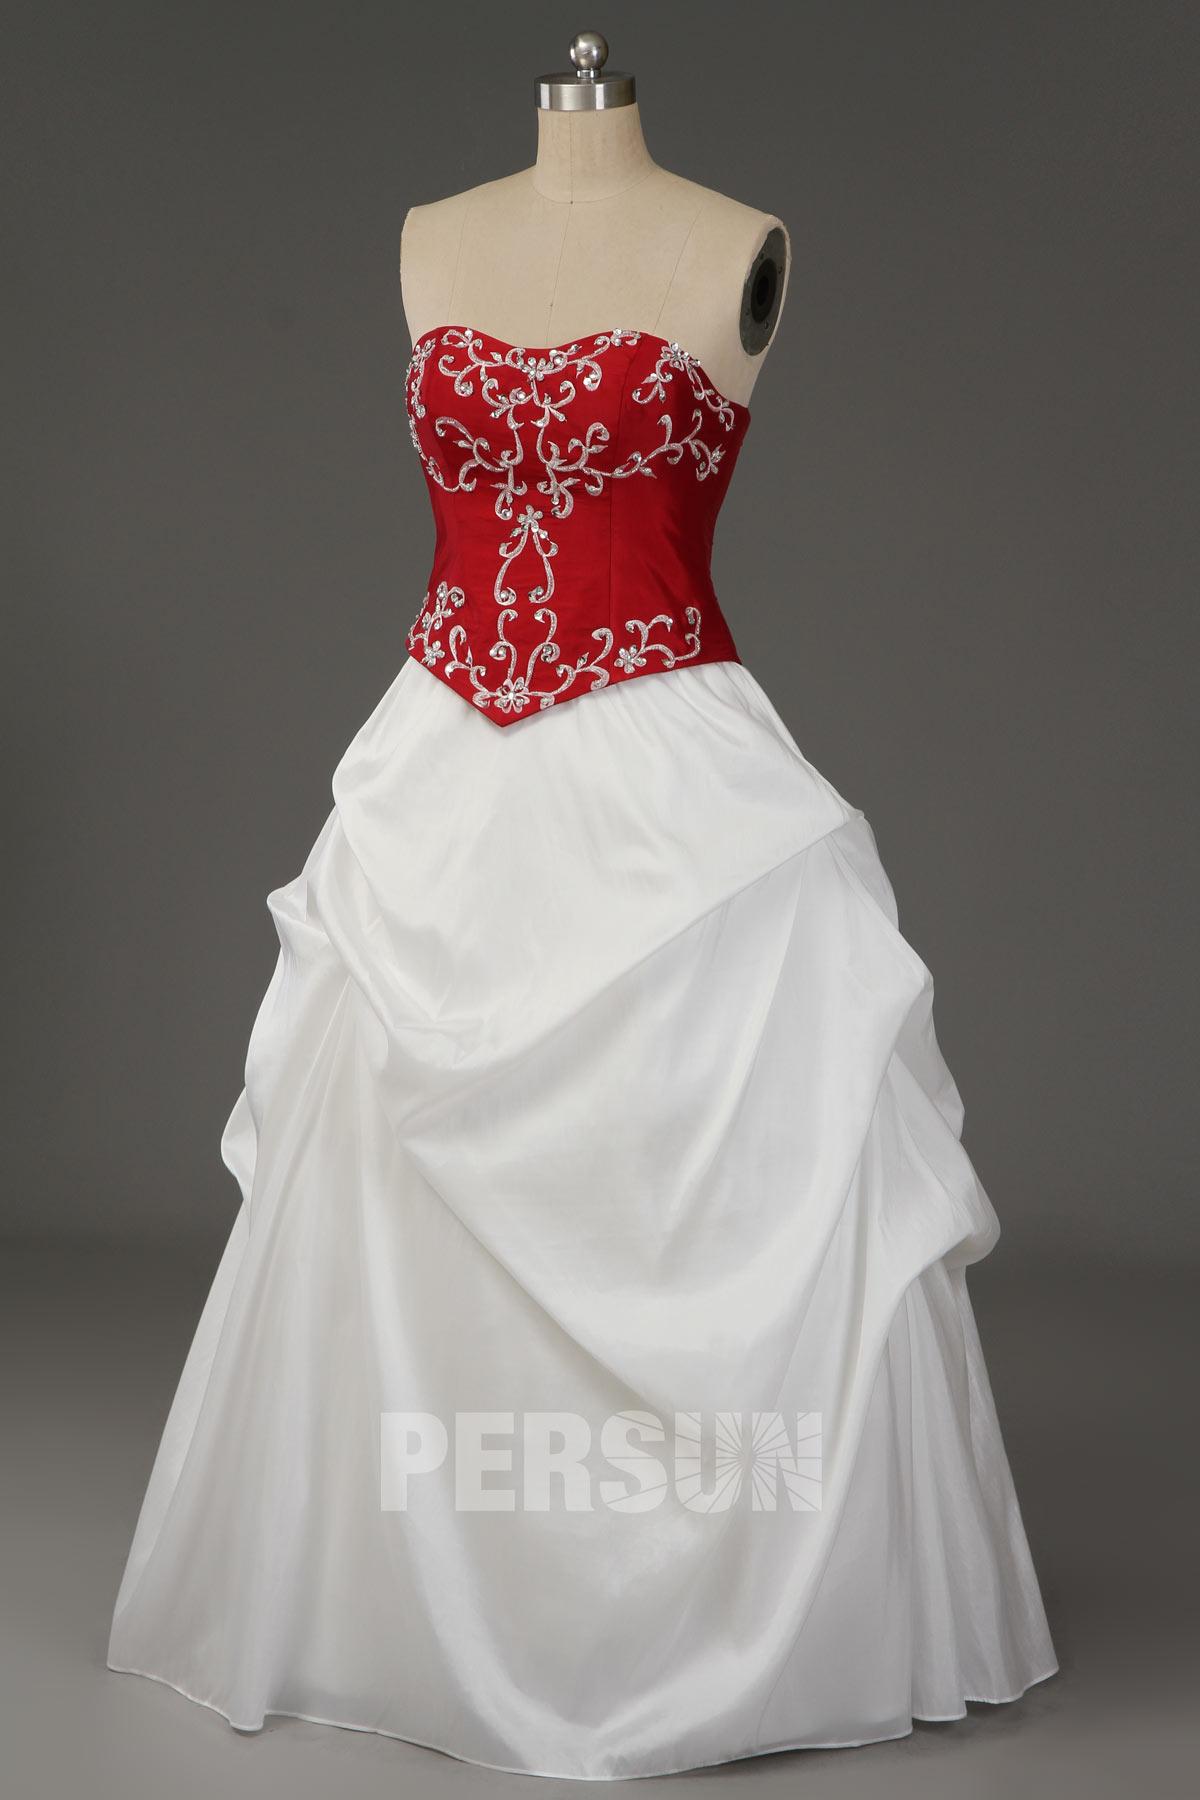 robe de cérémonie vintage bicolore bustier brodé de motif basque jupe brouillonné